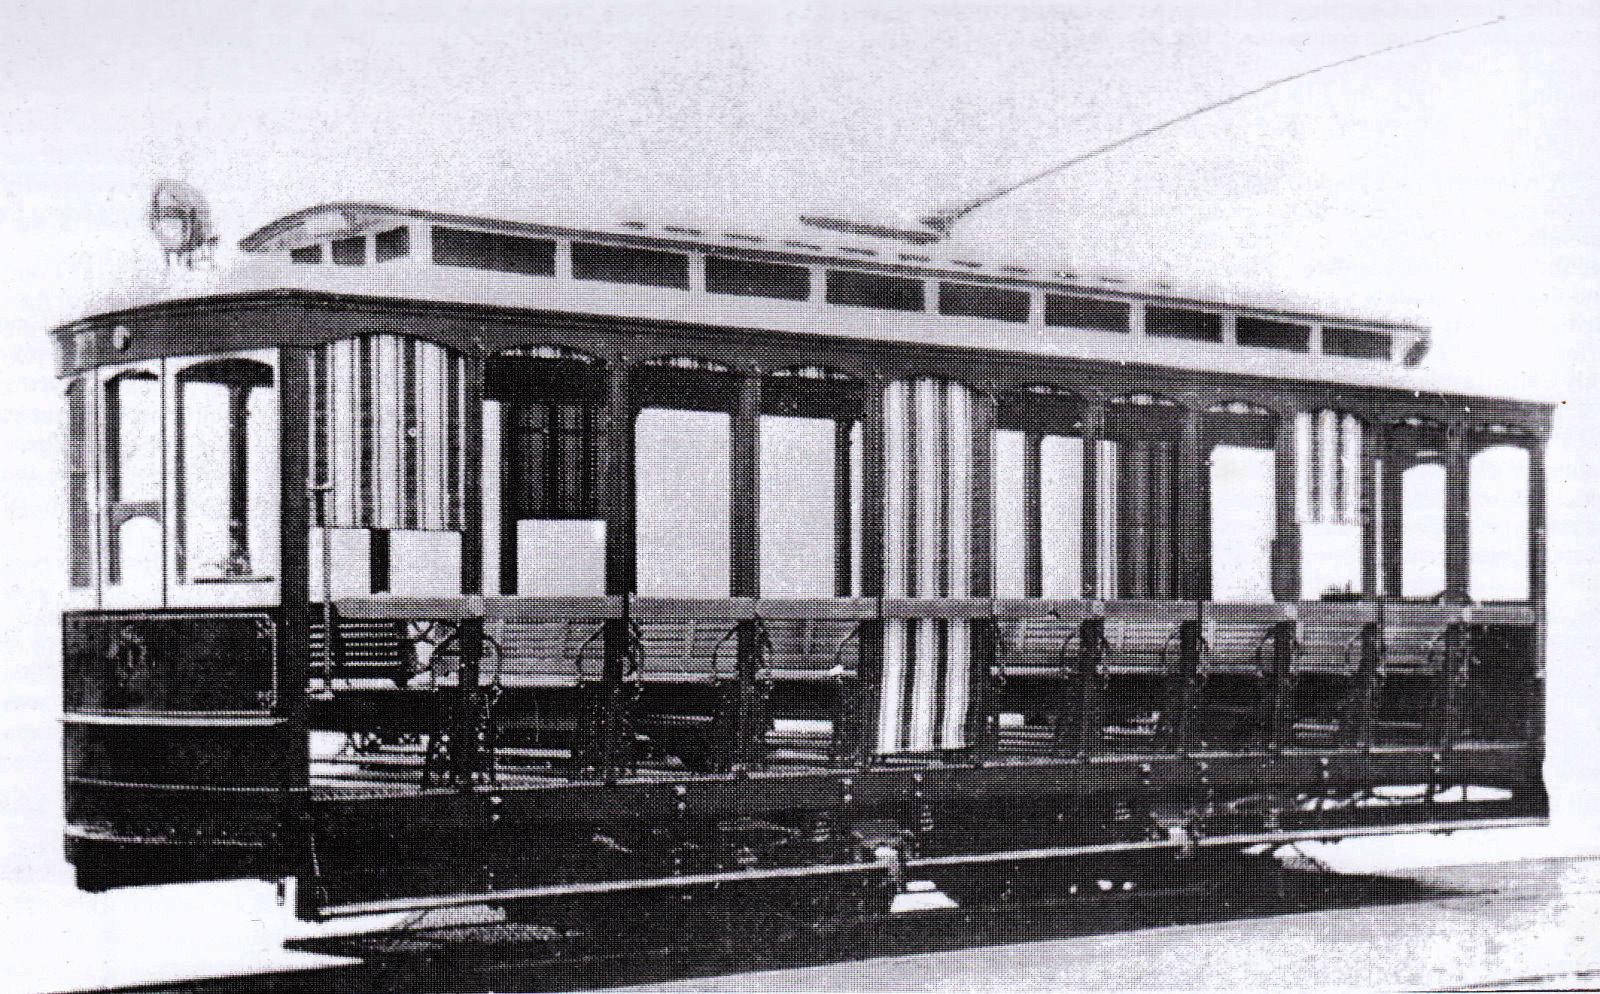 第一代電車 - 香港電車 - Thomas Wu 香港電車 - Thomas Wu搜尋這個協作平